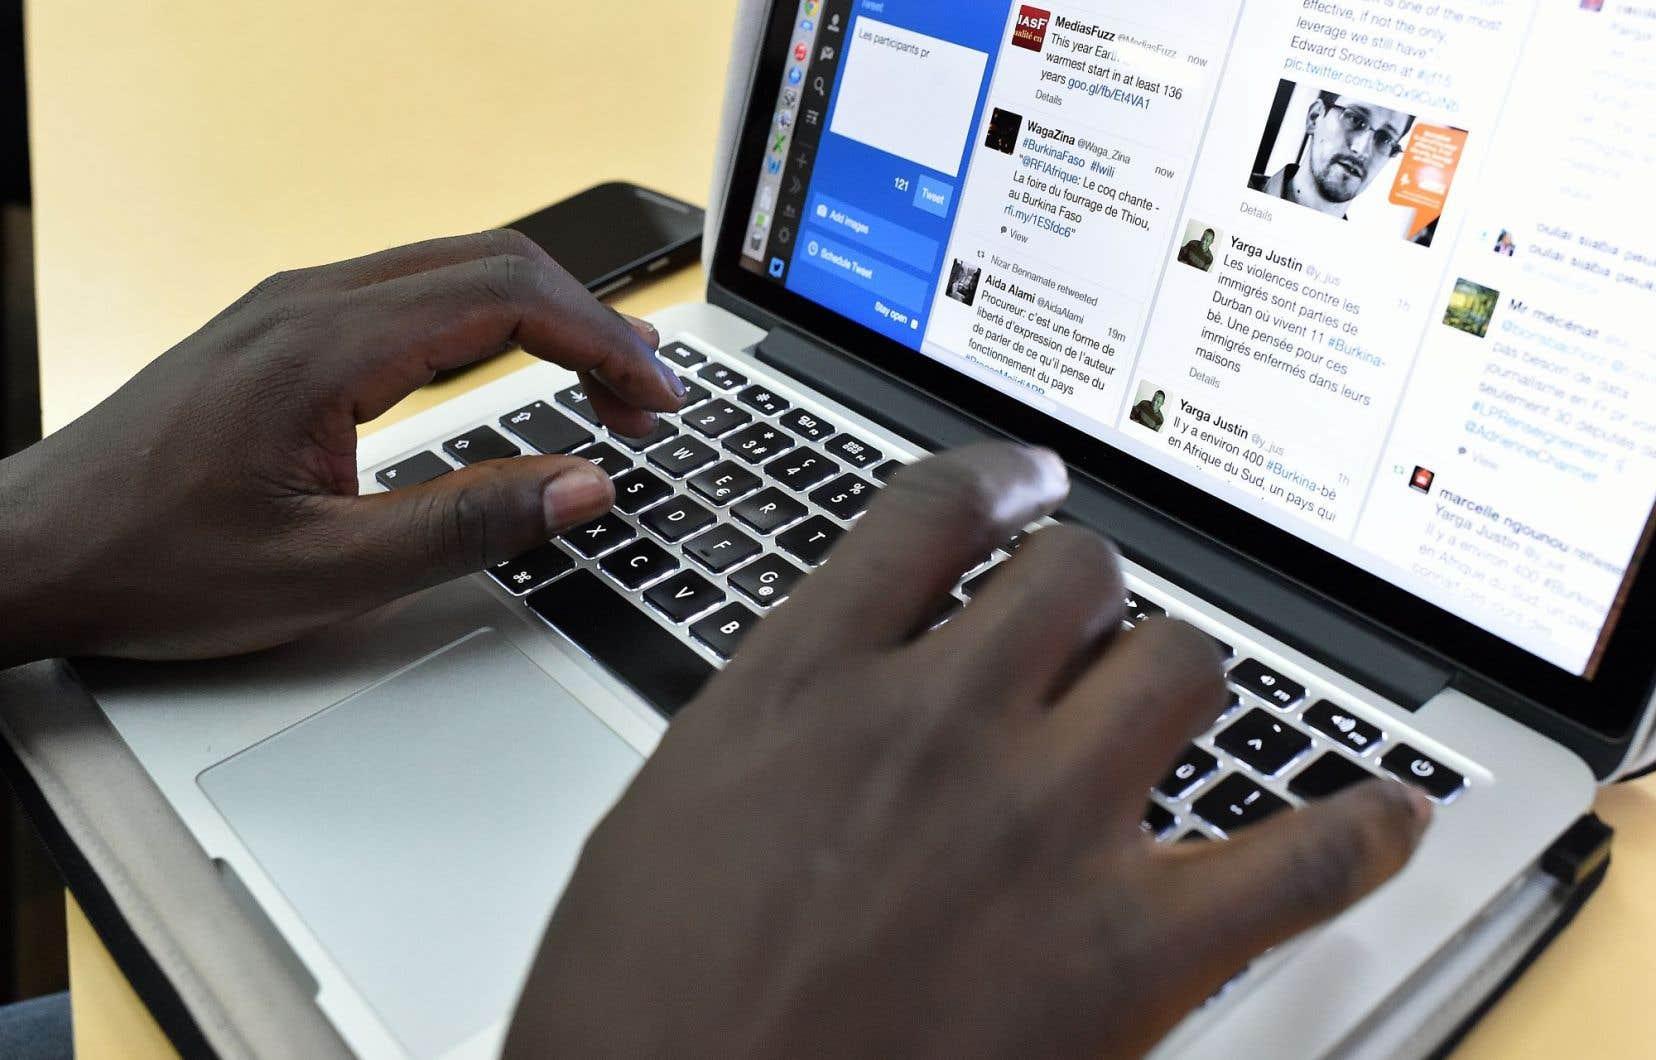 Le nombre d'internautes est passé de 1 milliard en 2005 à 3,2 milliards à la fin de 2015.